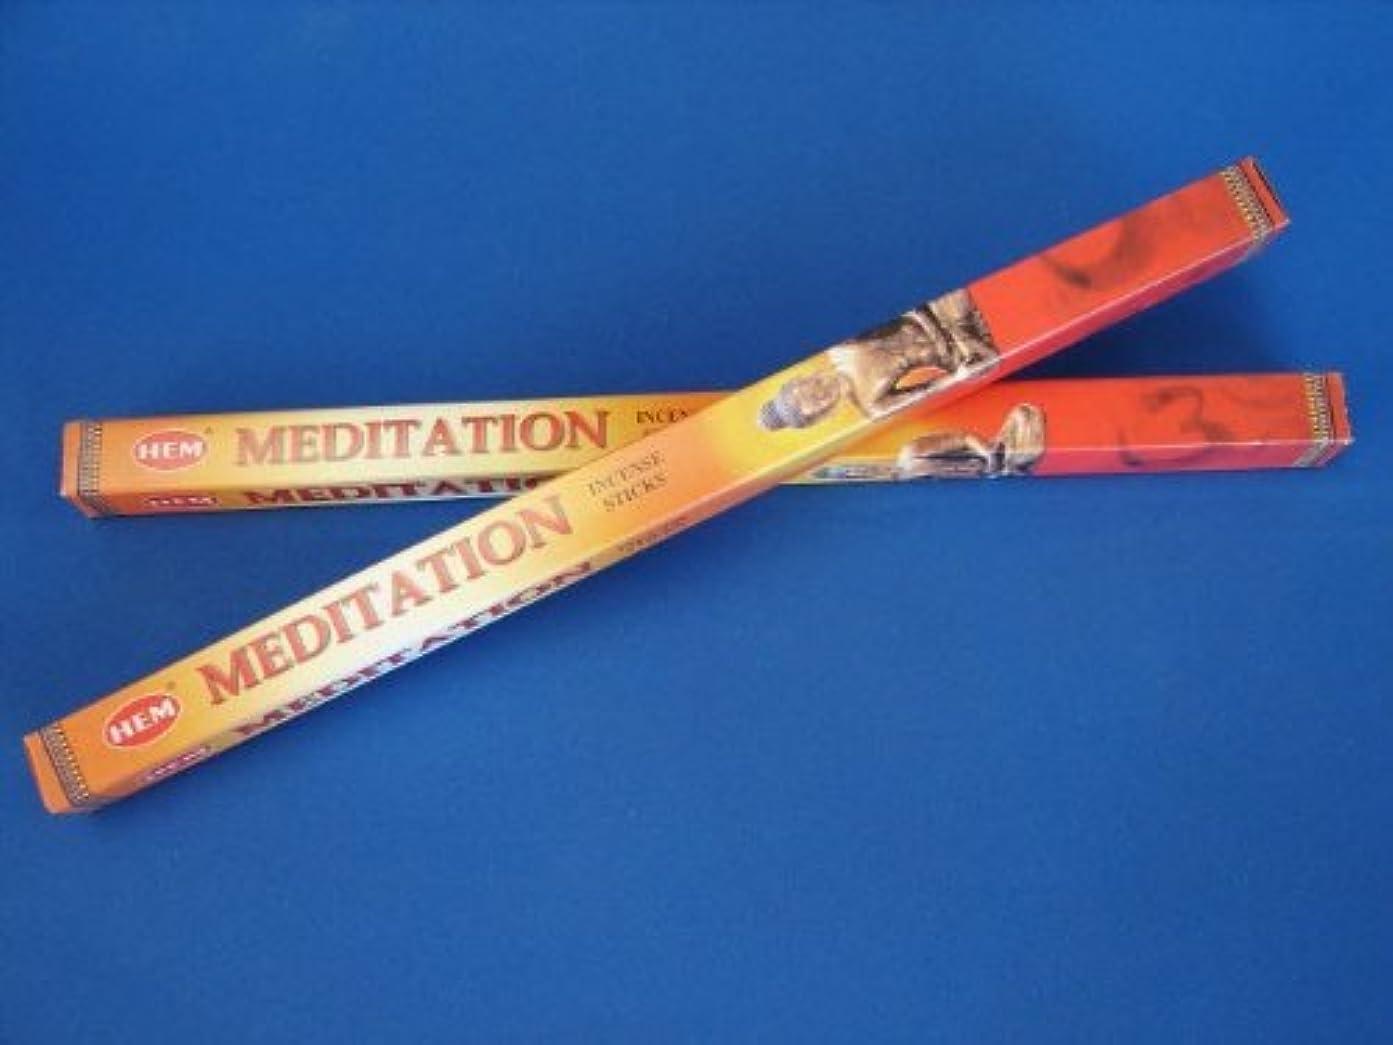 食用冒険者財布4 Boxes of HEM Incense Sticks - Meditation